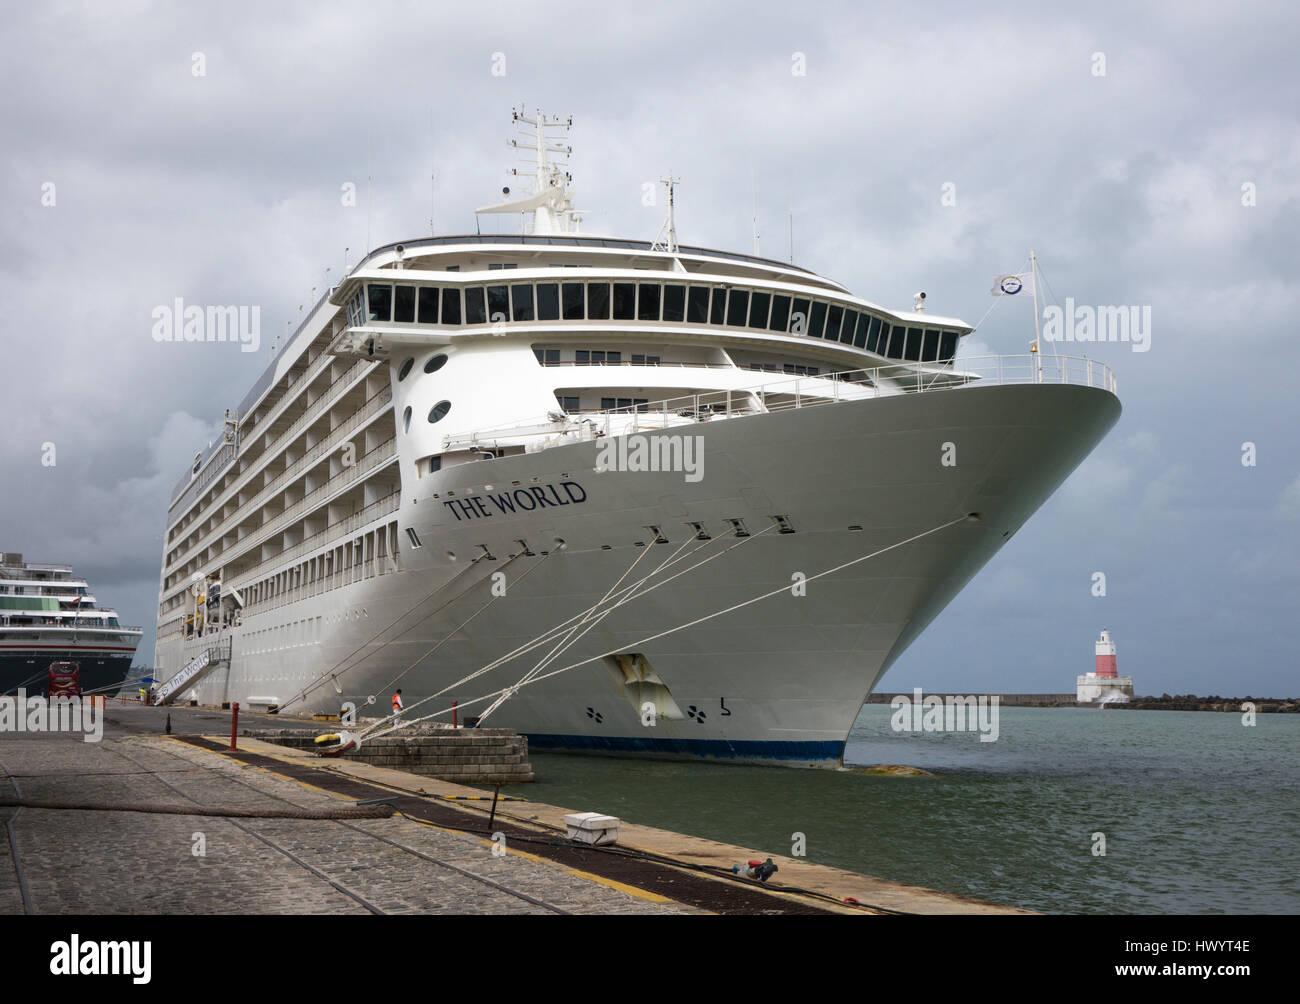 The World cruise ship moored in Rio de Janeiro, Brazil Stock Photo